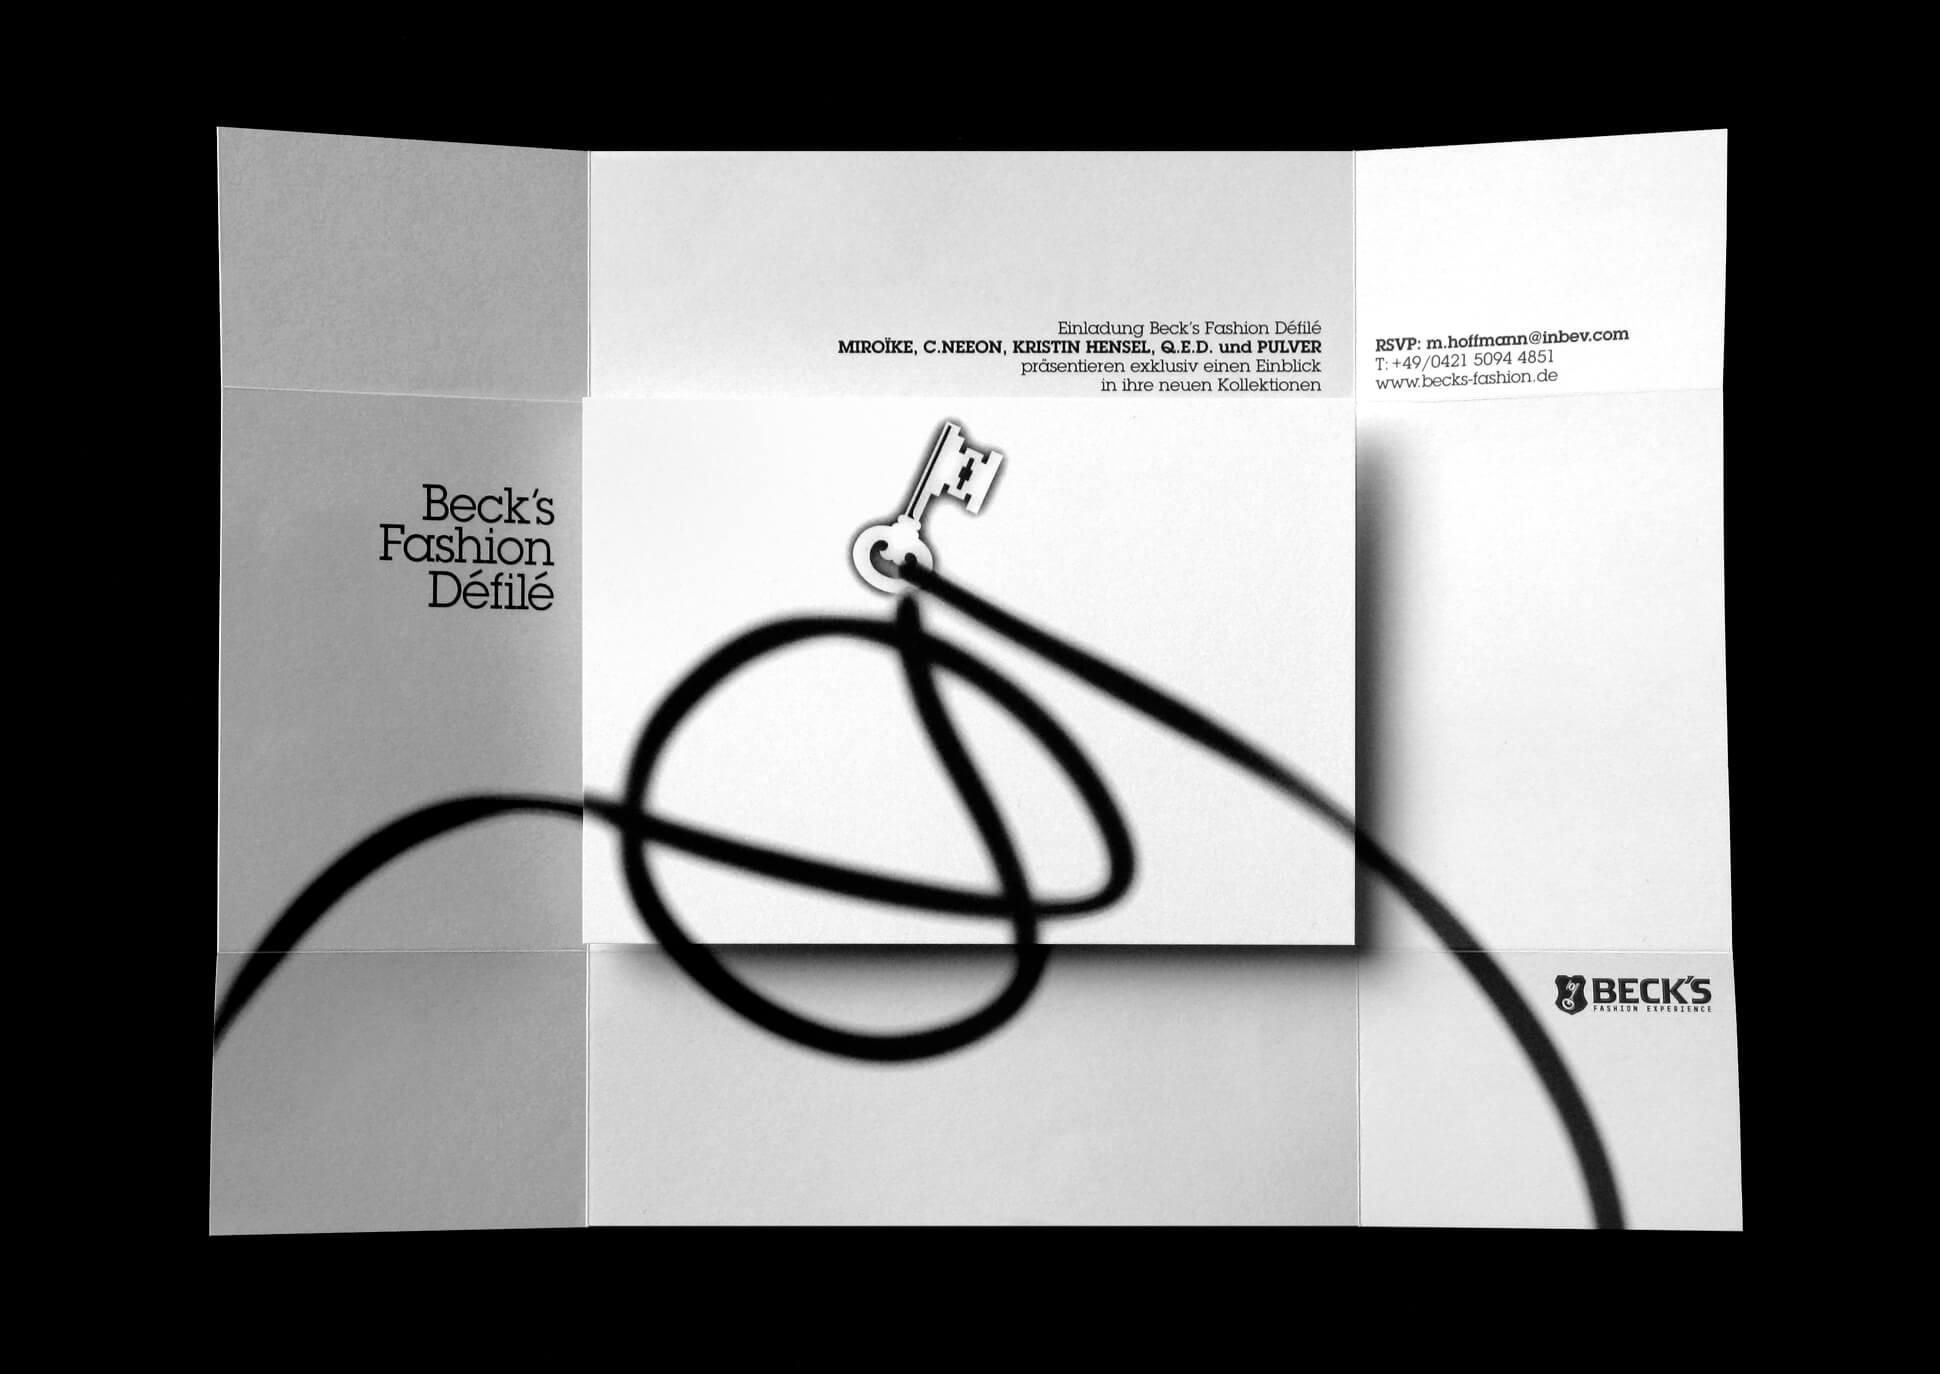 Becks-Fashion-Show-Invite-002